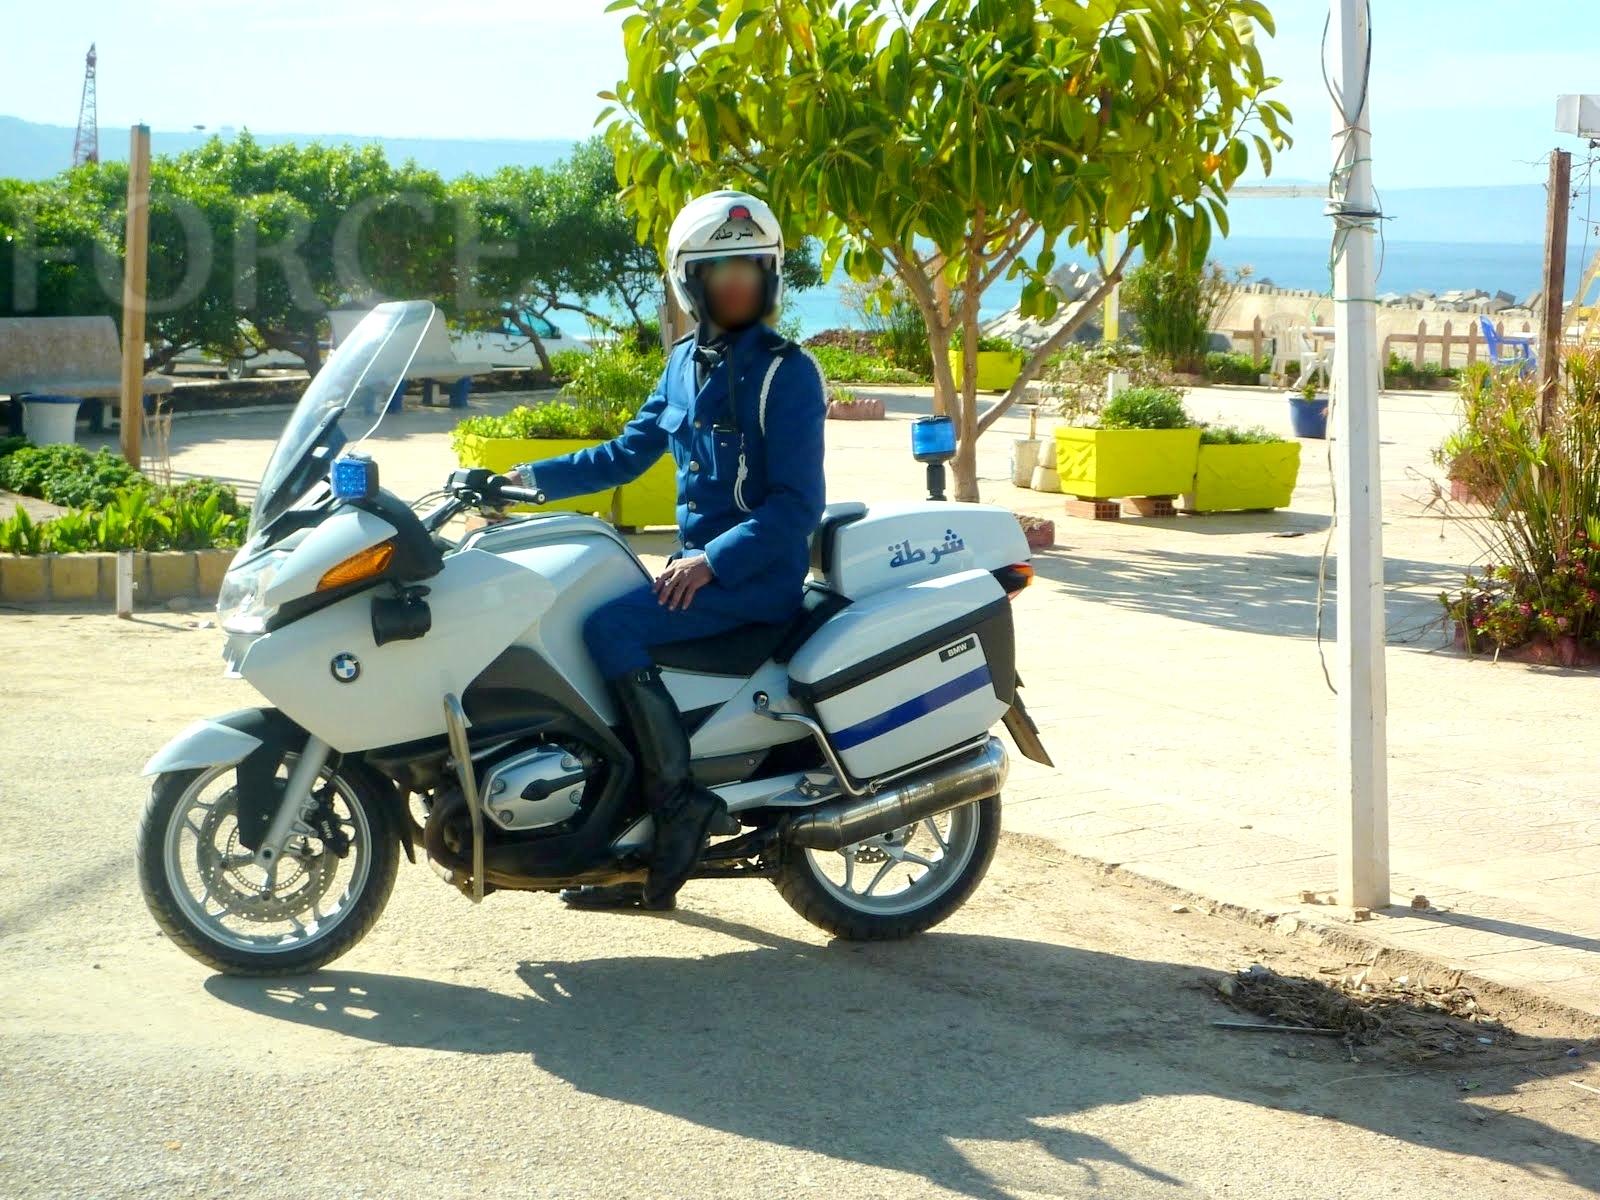 صور الشرطة الجزائرية............... 737476201111240067